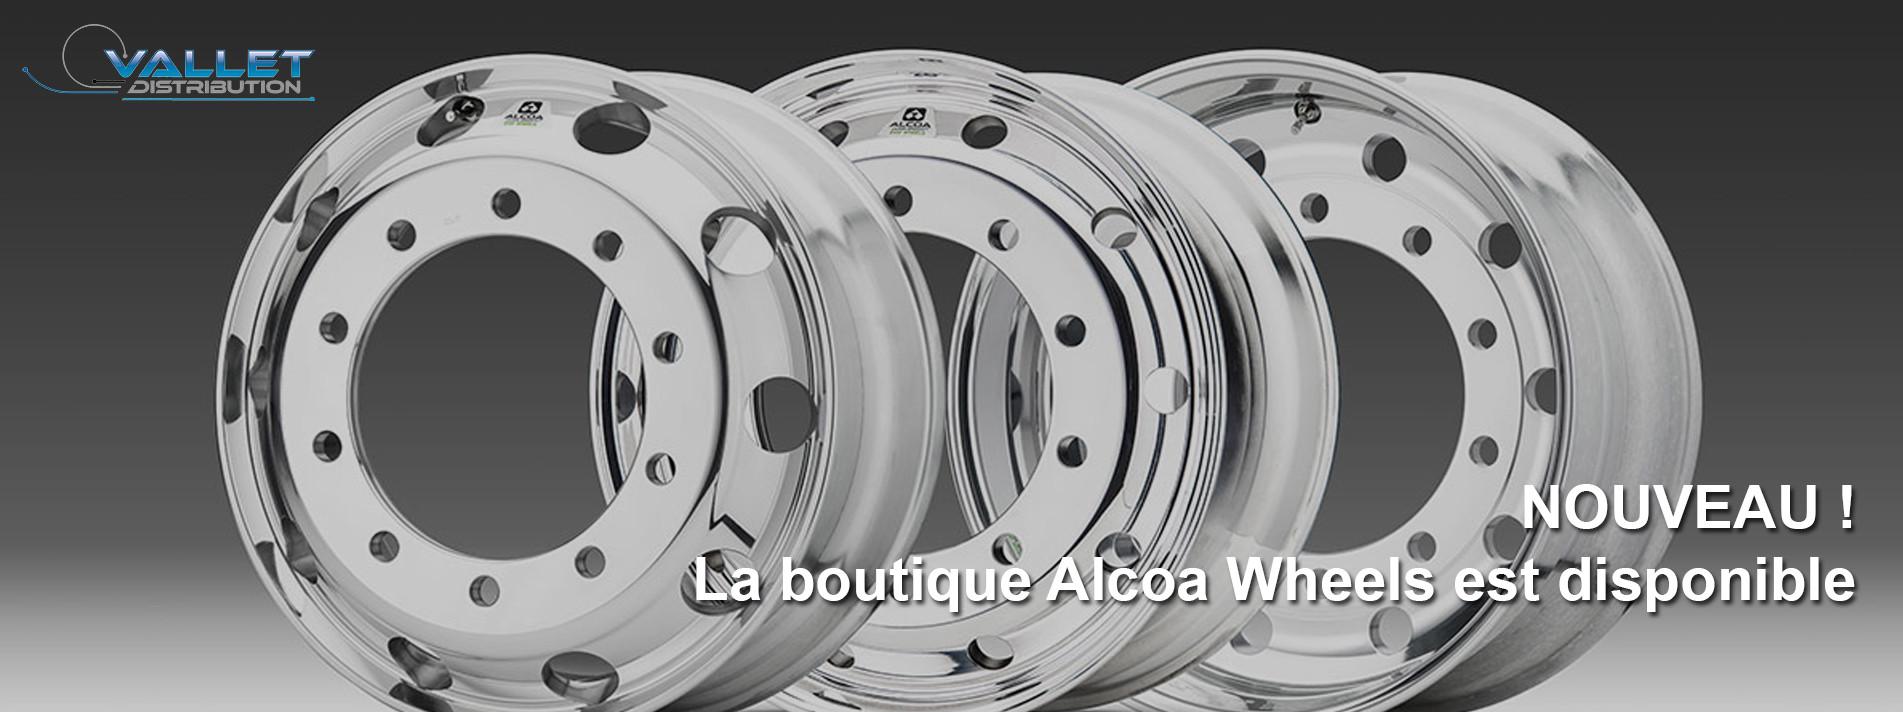 Découvrez la boutique Alcoa Wheels